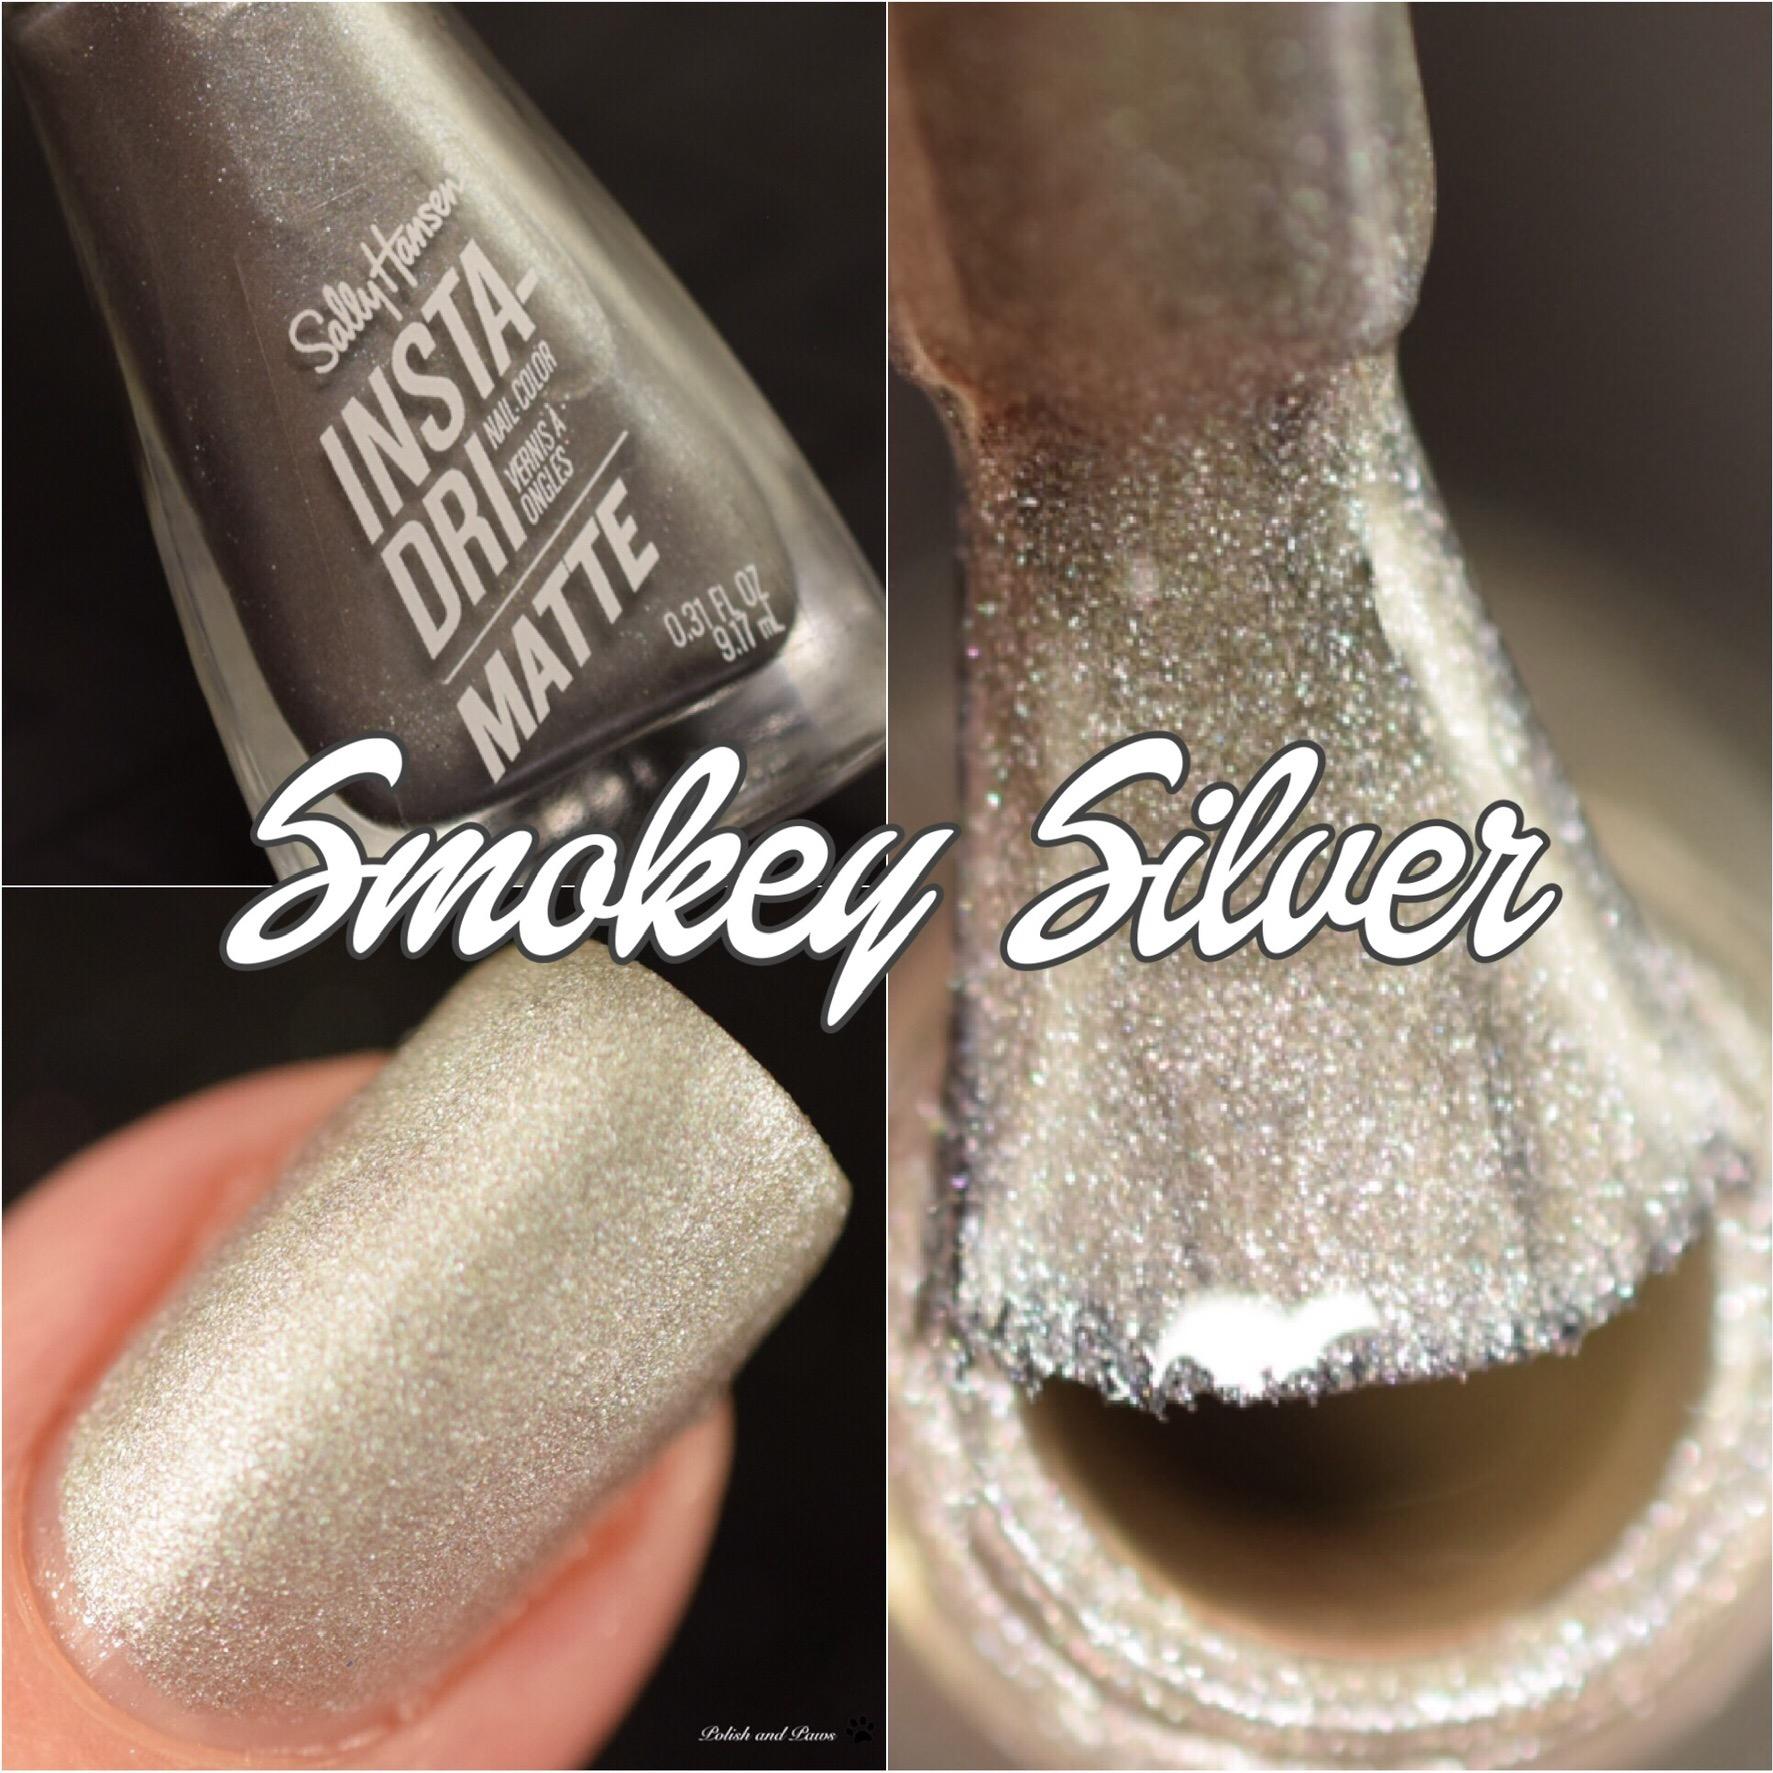 Sally Hansen Smokey Silver